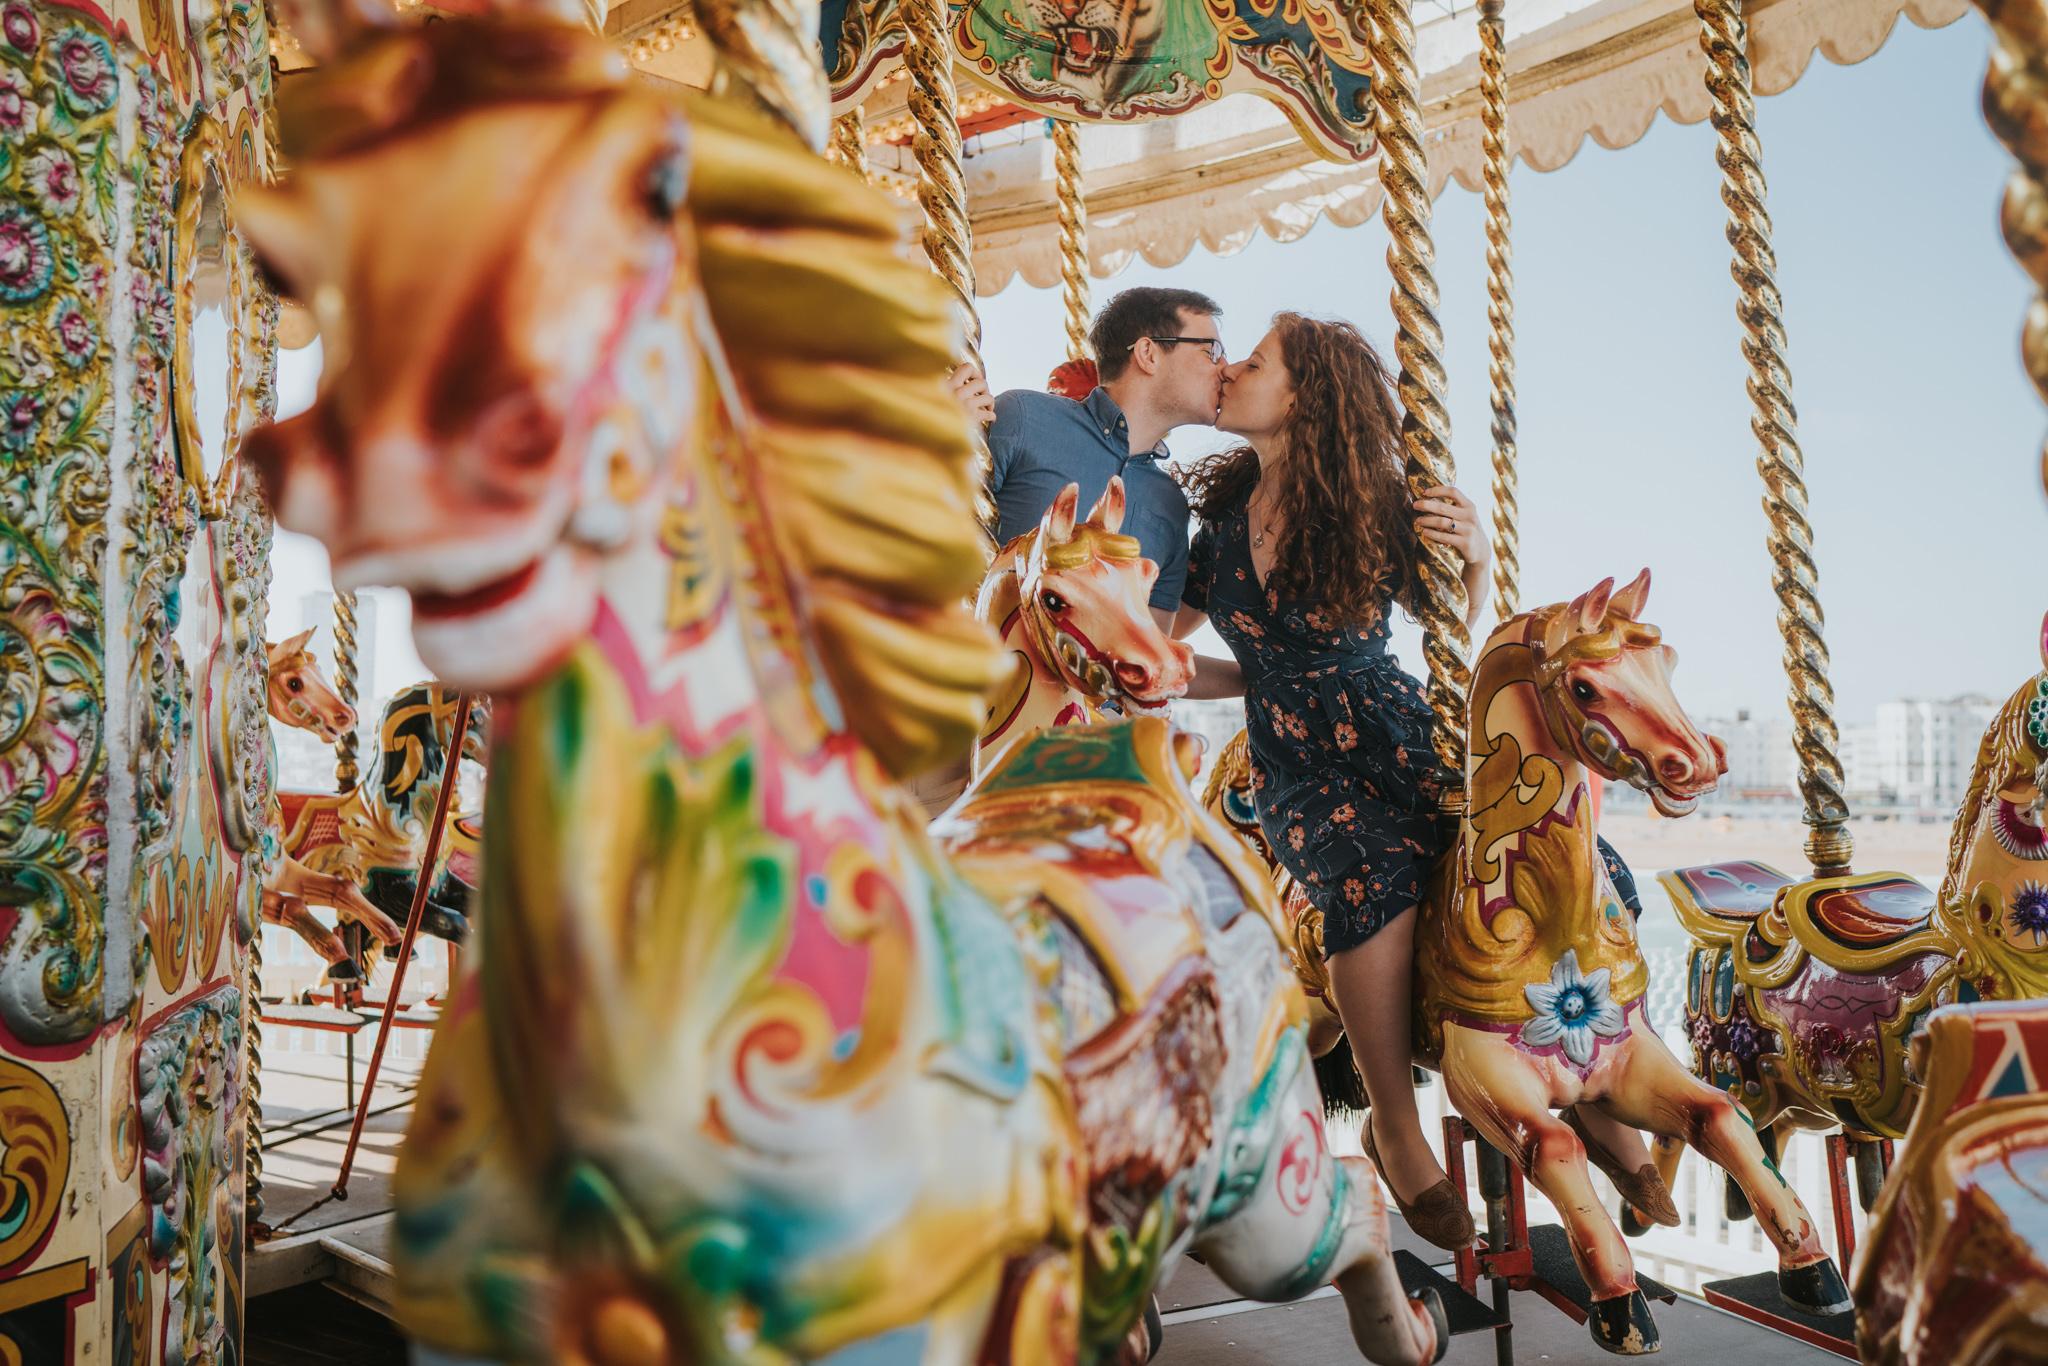 philippa-mark-pre-wedding-session-brighton-pier-colchester-grace-elizabeth-colchester-essex-alternative-wedding-lifestyle-photographer-essex-suffolk-norfolk-devon-16.jpg